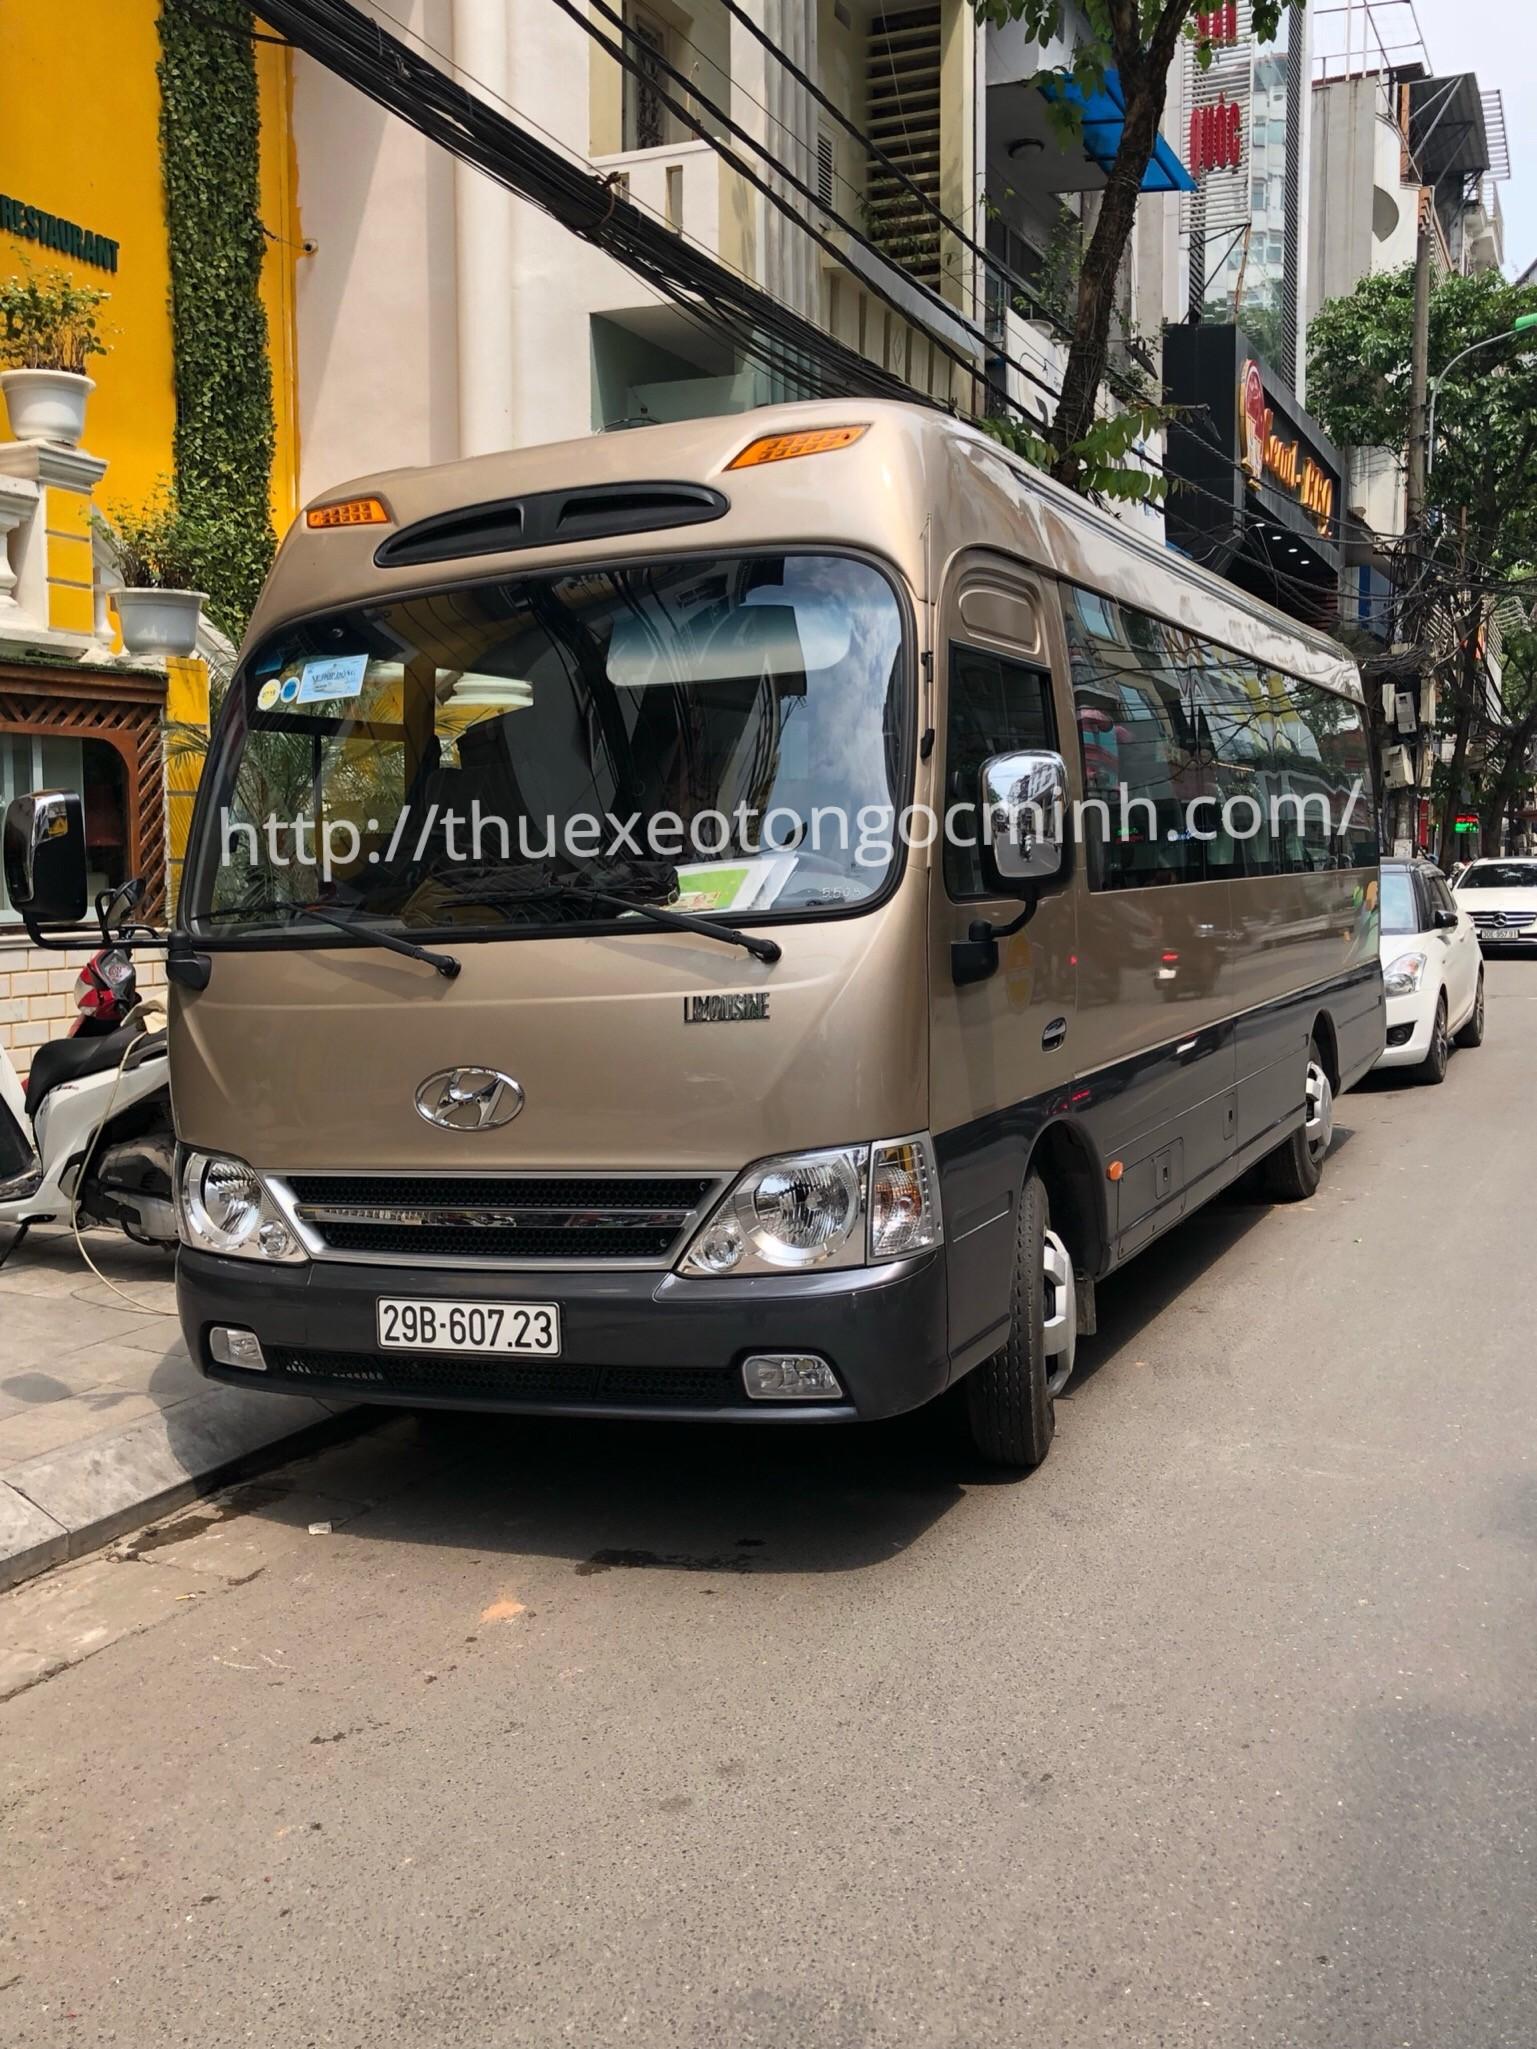 Thuê xe tháng 29 chỗ Hyundai county tại Hà Nội